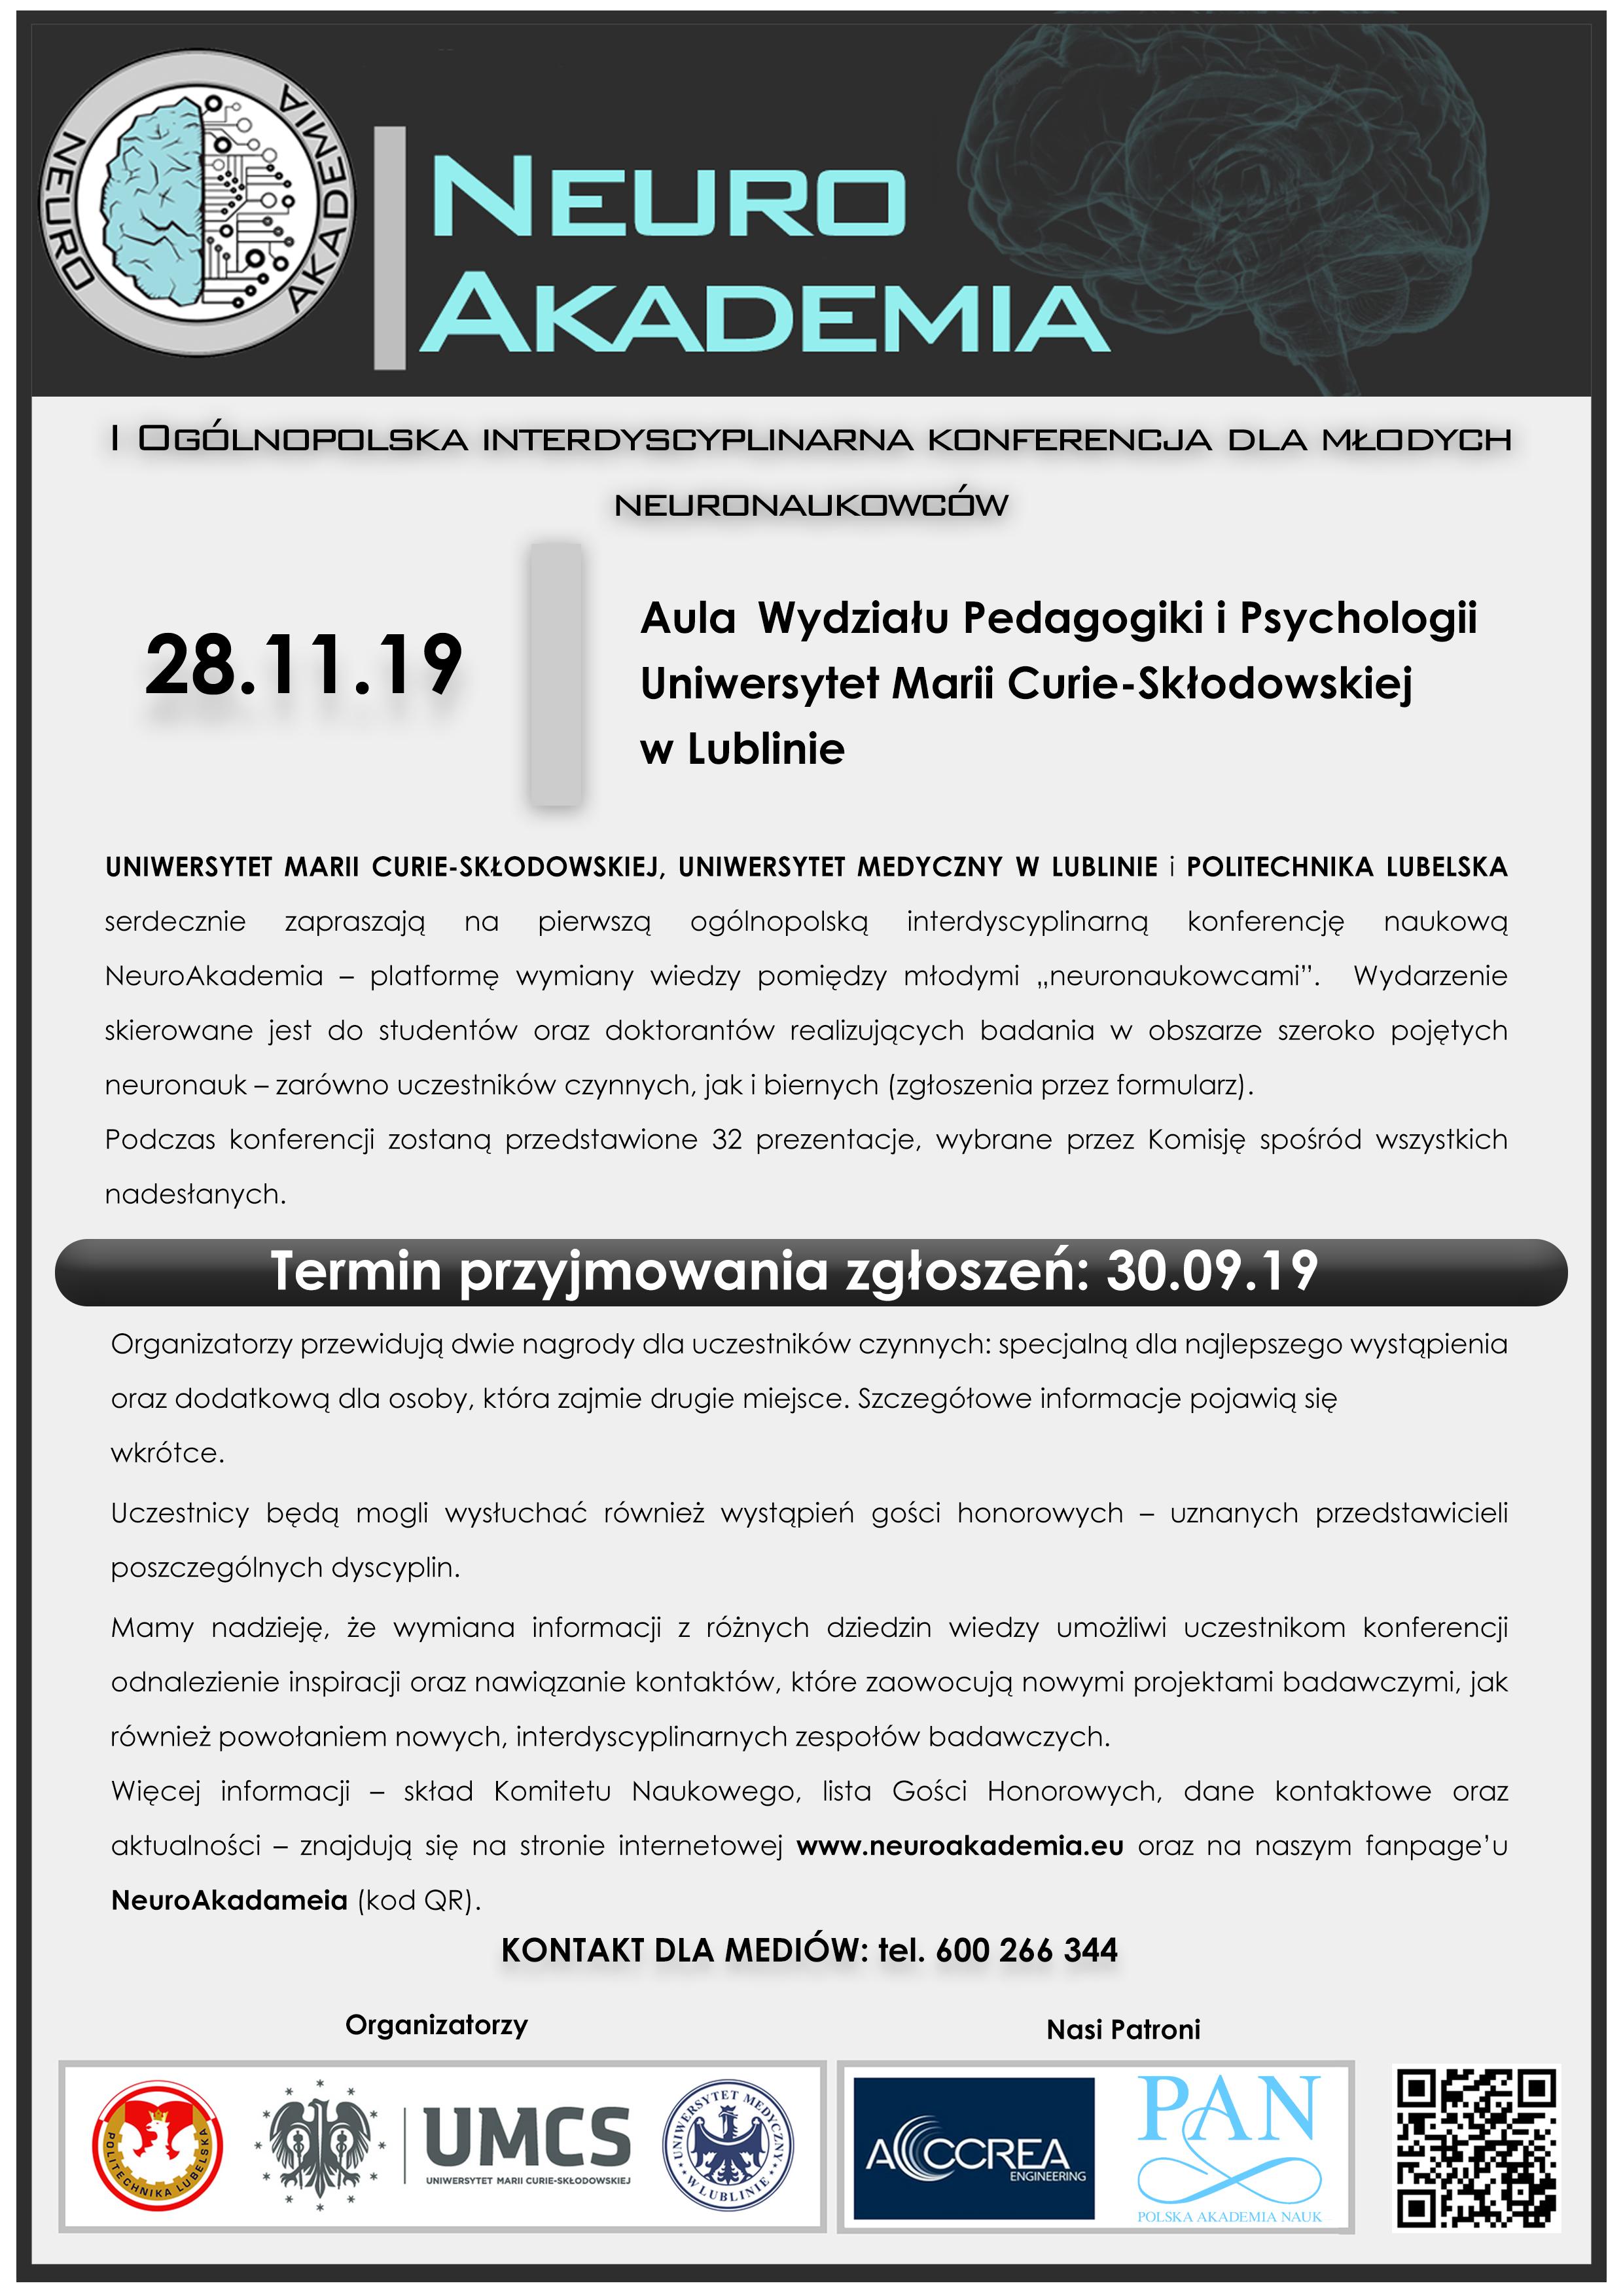 NeuroAkademia_komunikat_prasowy.png